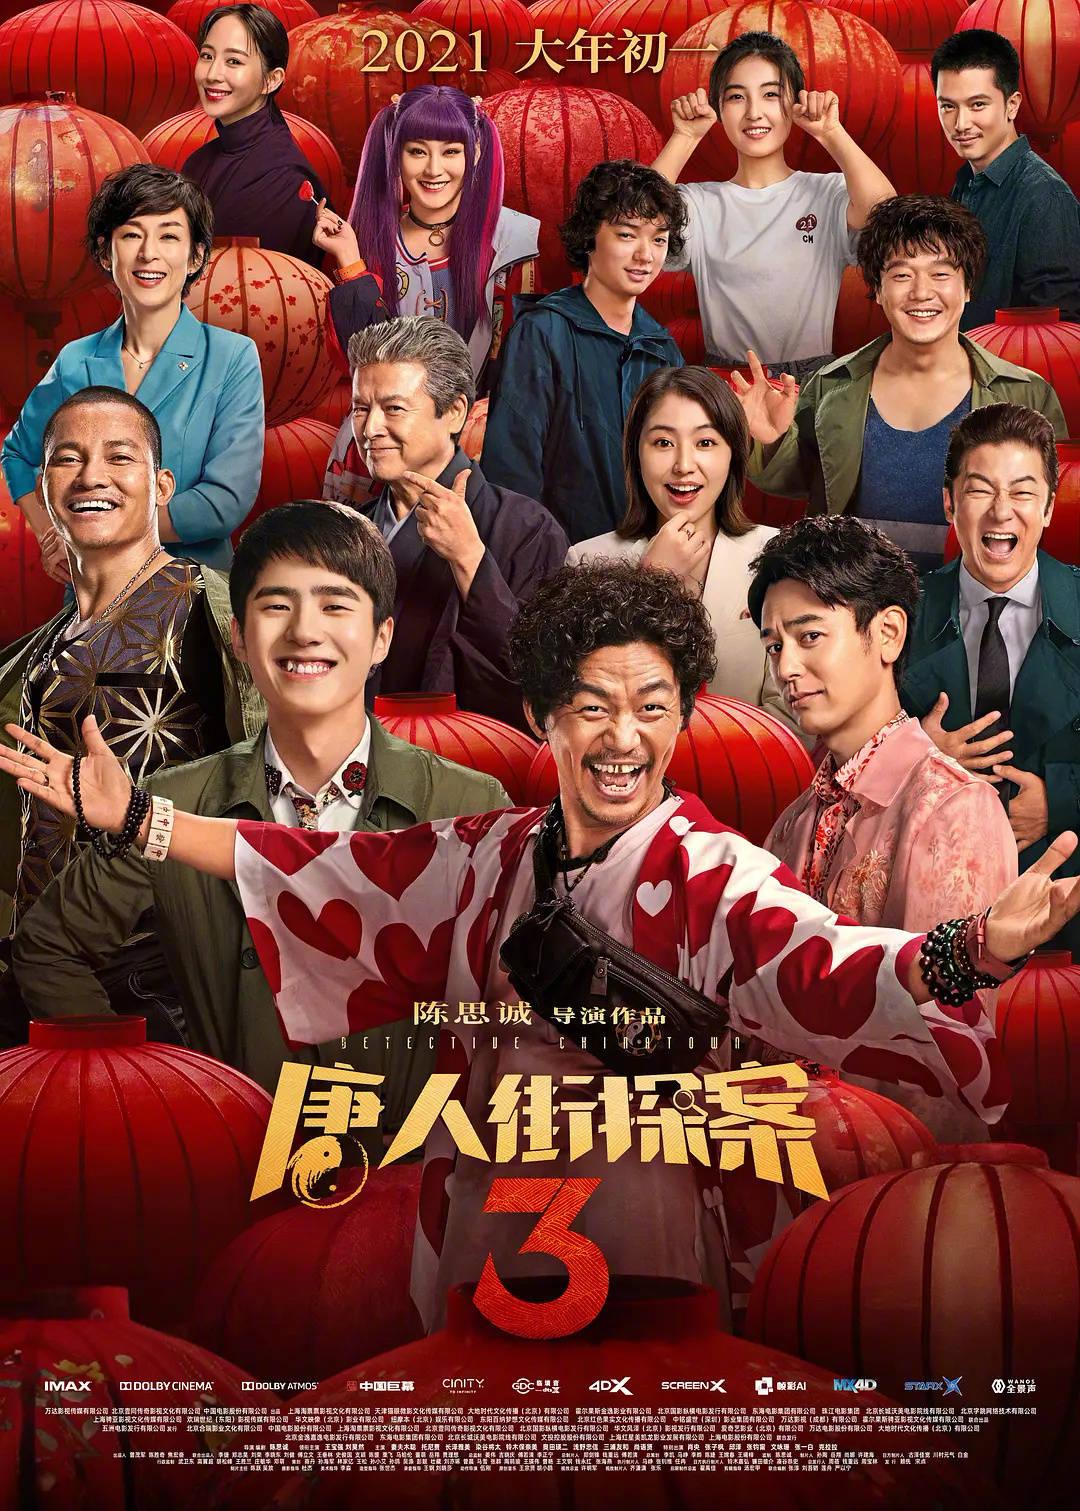 春节档预售票房破4亿!《唐探3》预售接近3亿